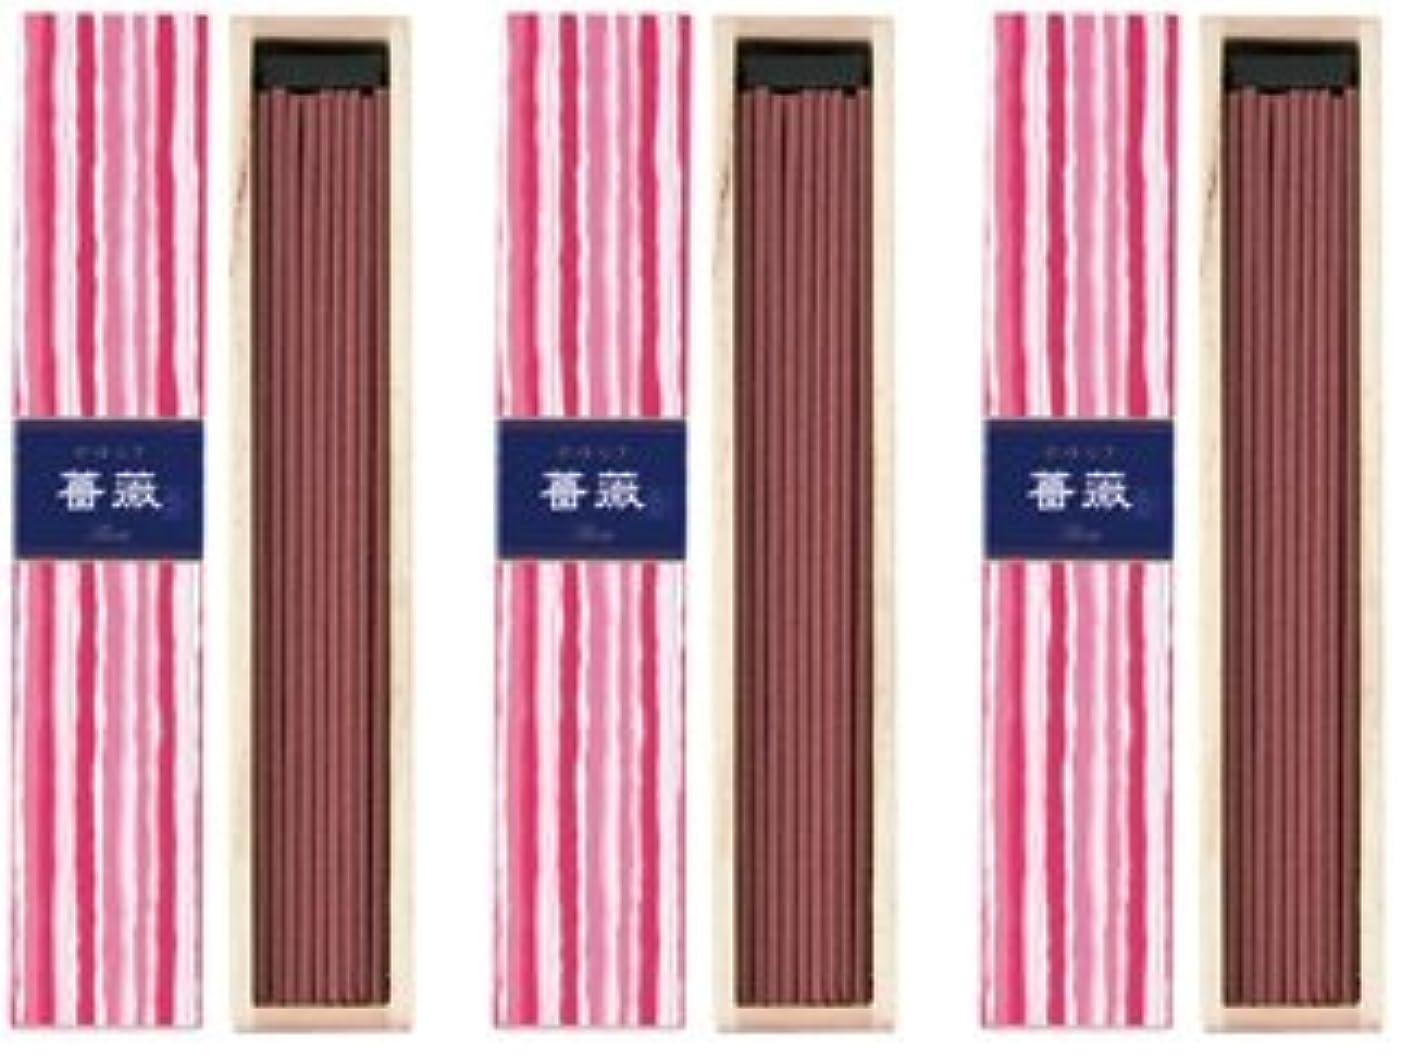 比較レタッチ平和な日本香堂 かゆらぎ 薔薇 スティック40本入 3箱セット